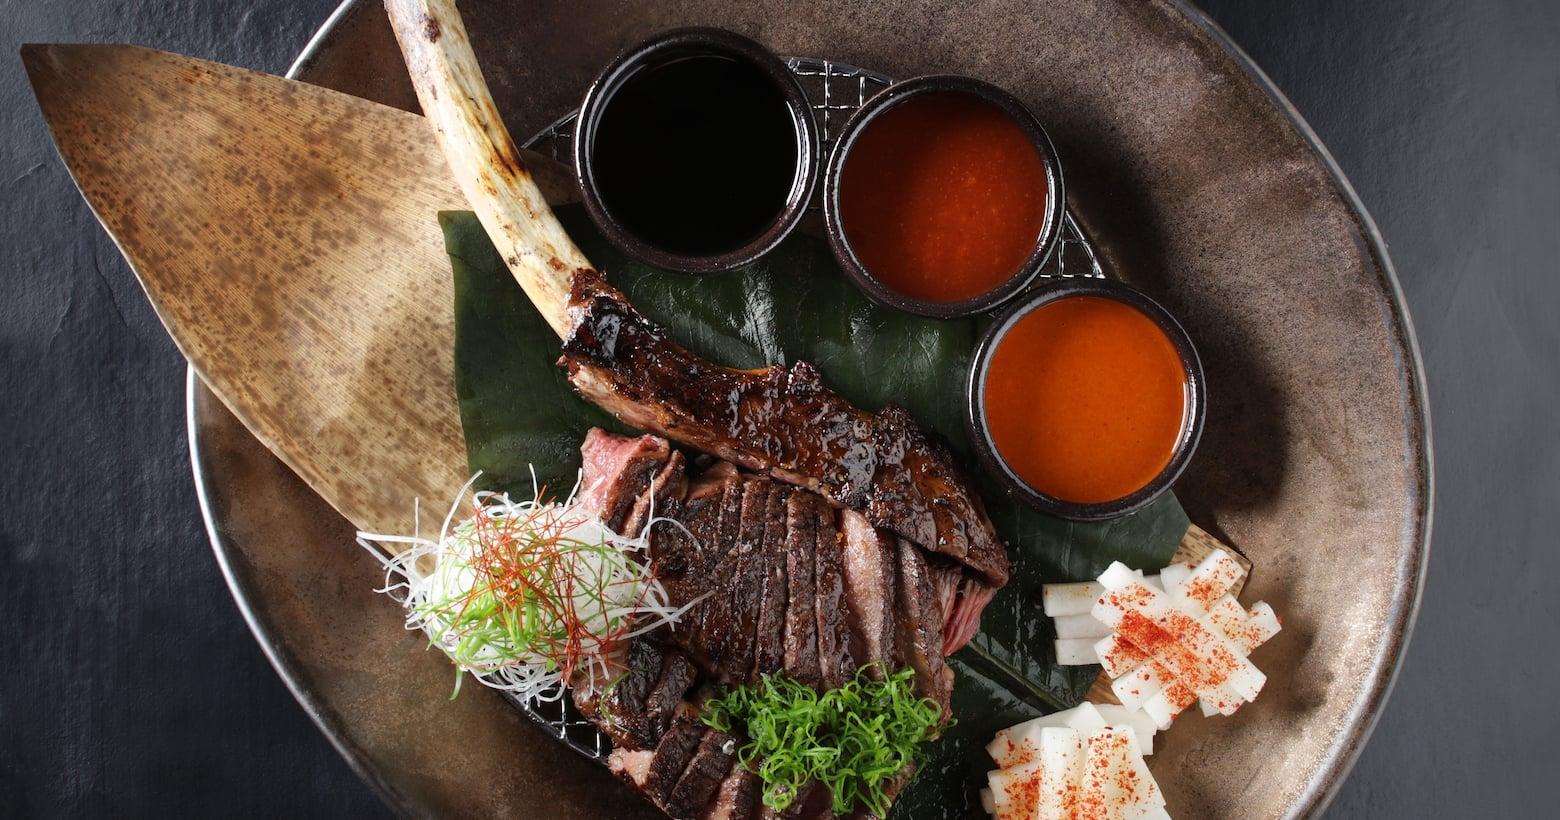 netsu food - lamb chop